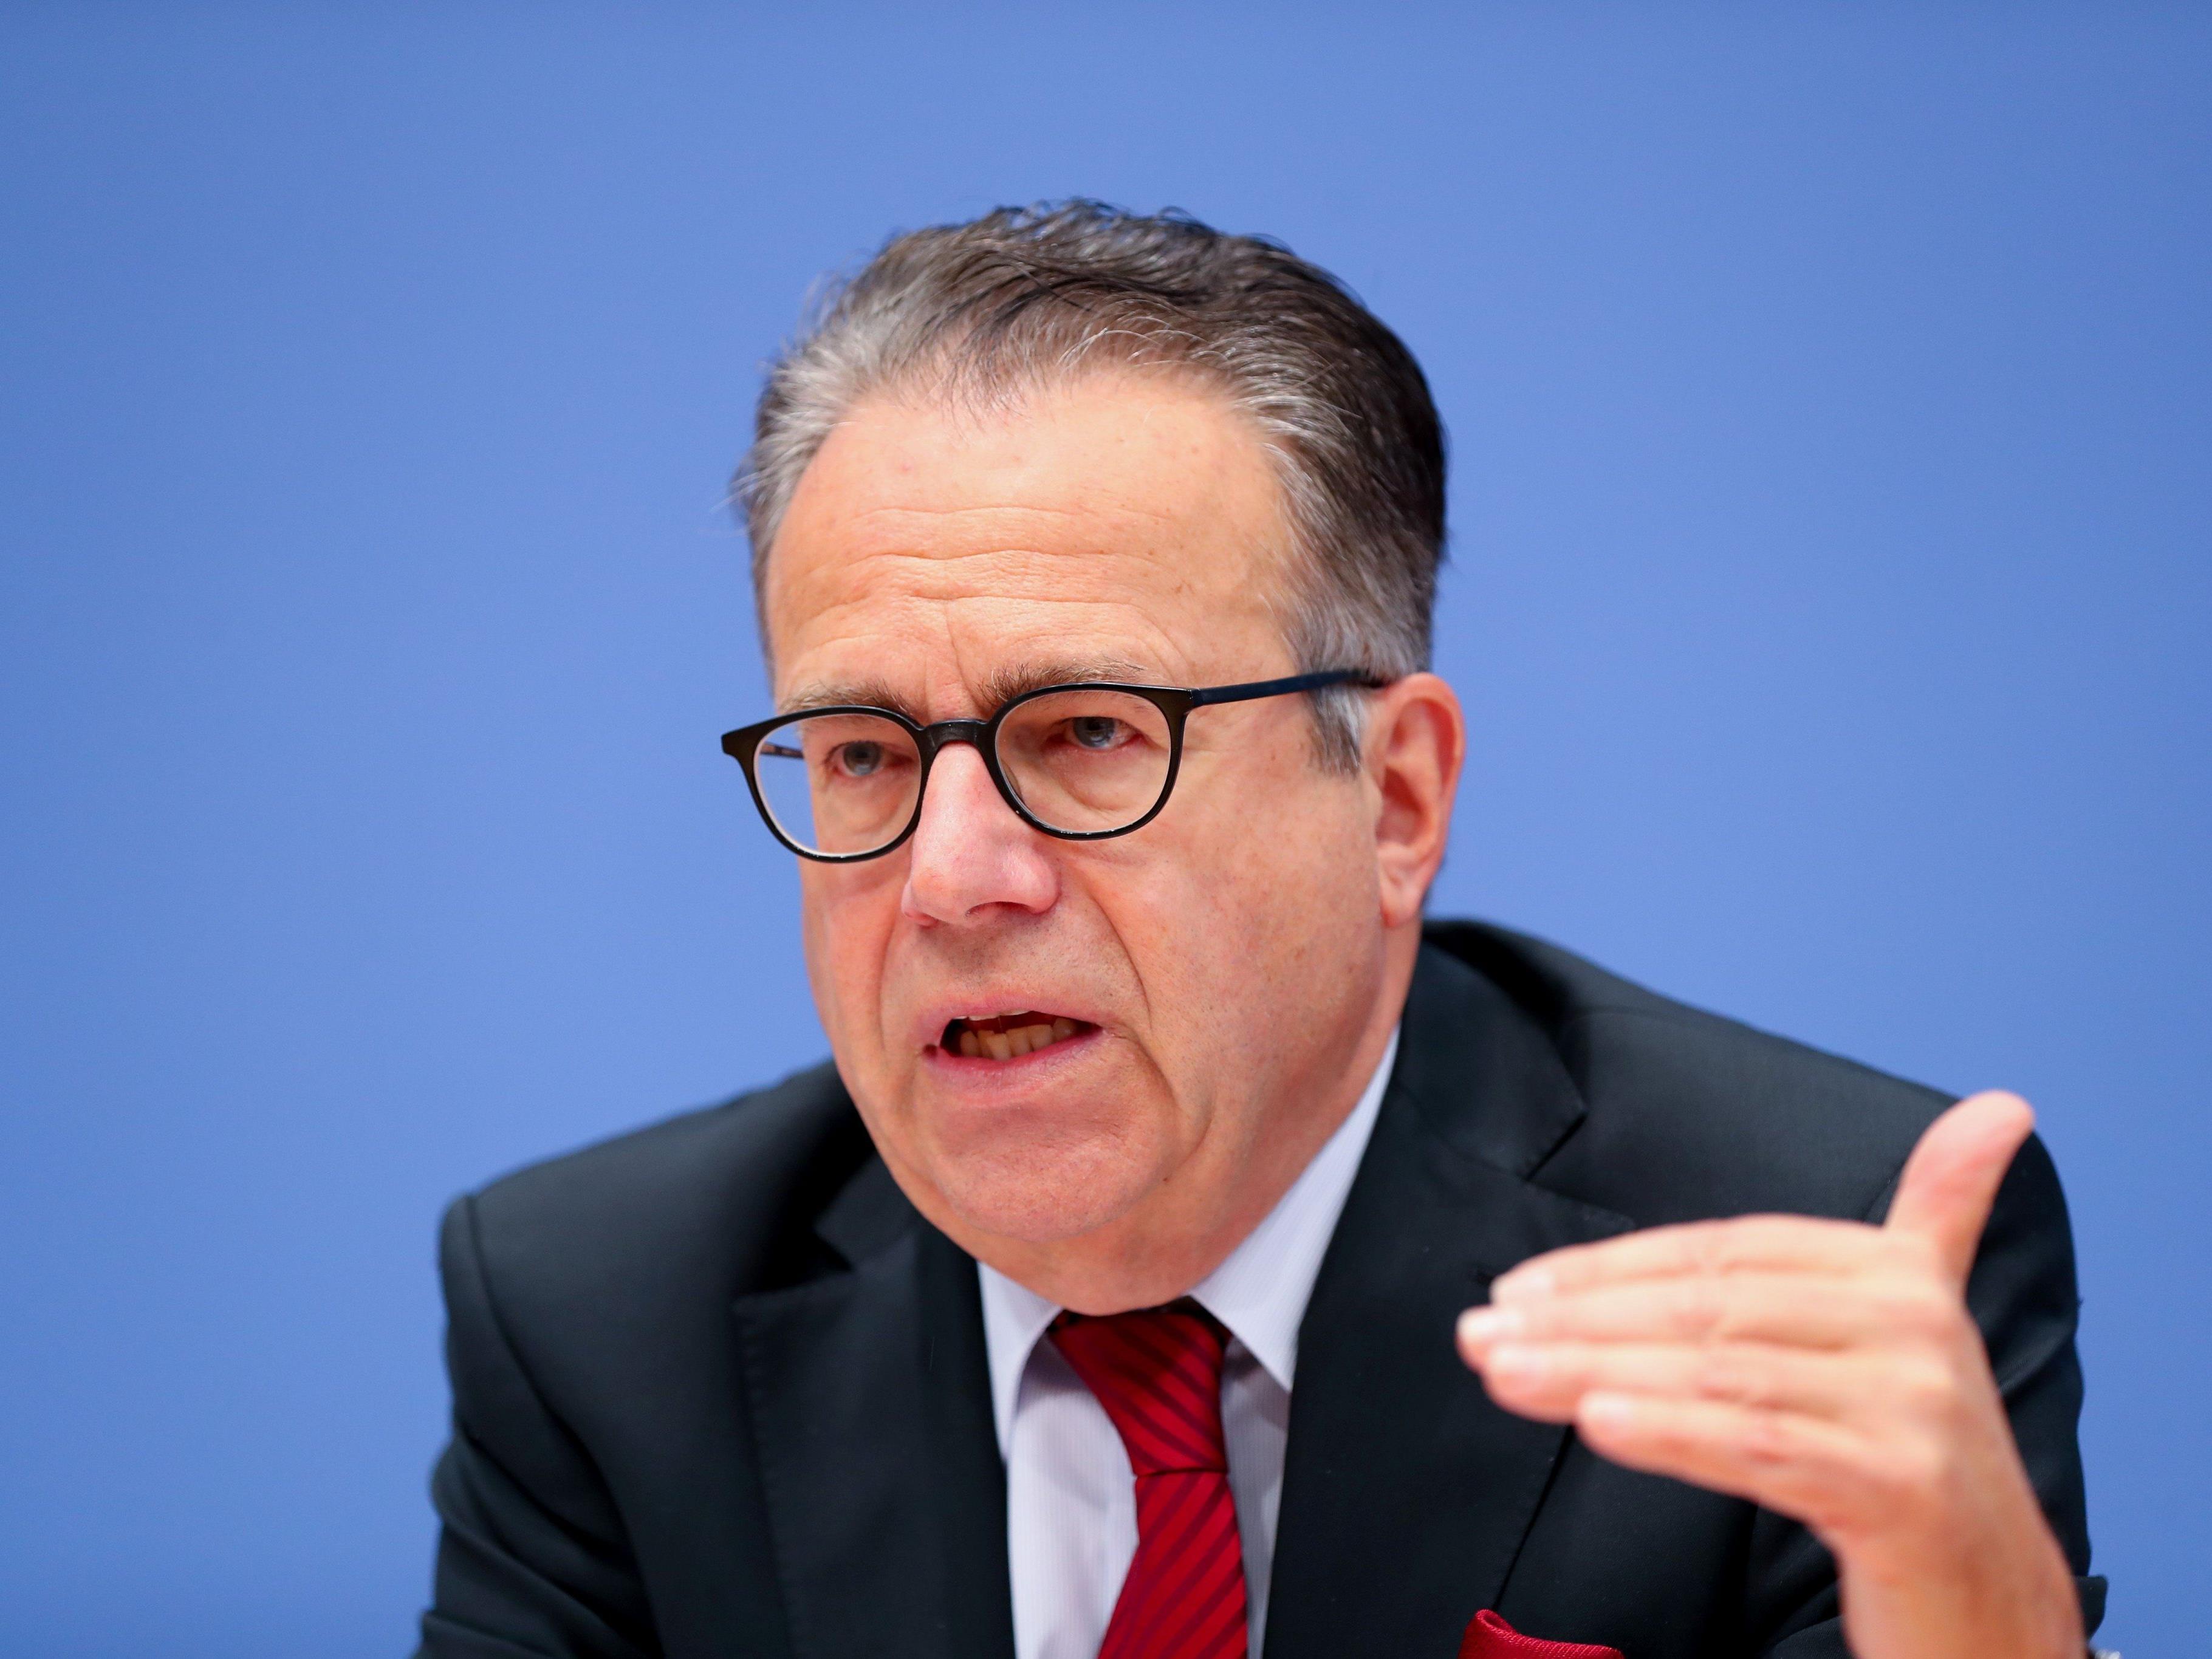 Der Chef des deutschen Bundesflüchtlingsamts kann nach dem Berlin-Anschlag bislang keine Fehler bei seiner Behörde erkennen.